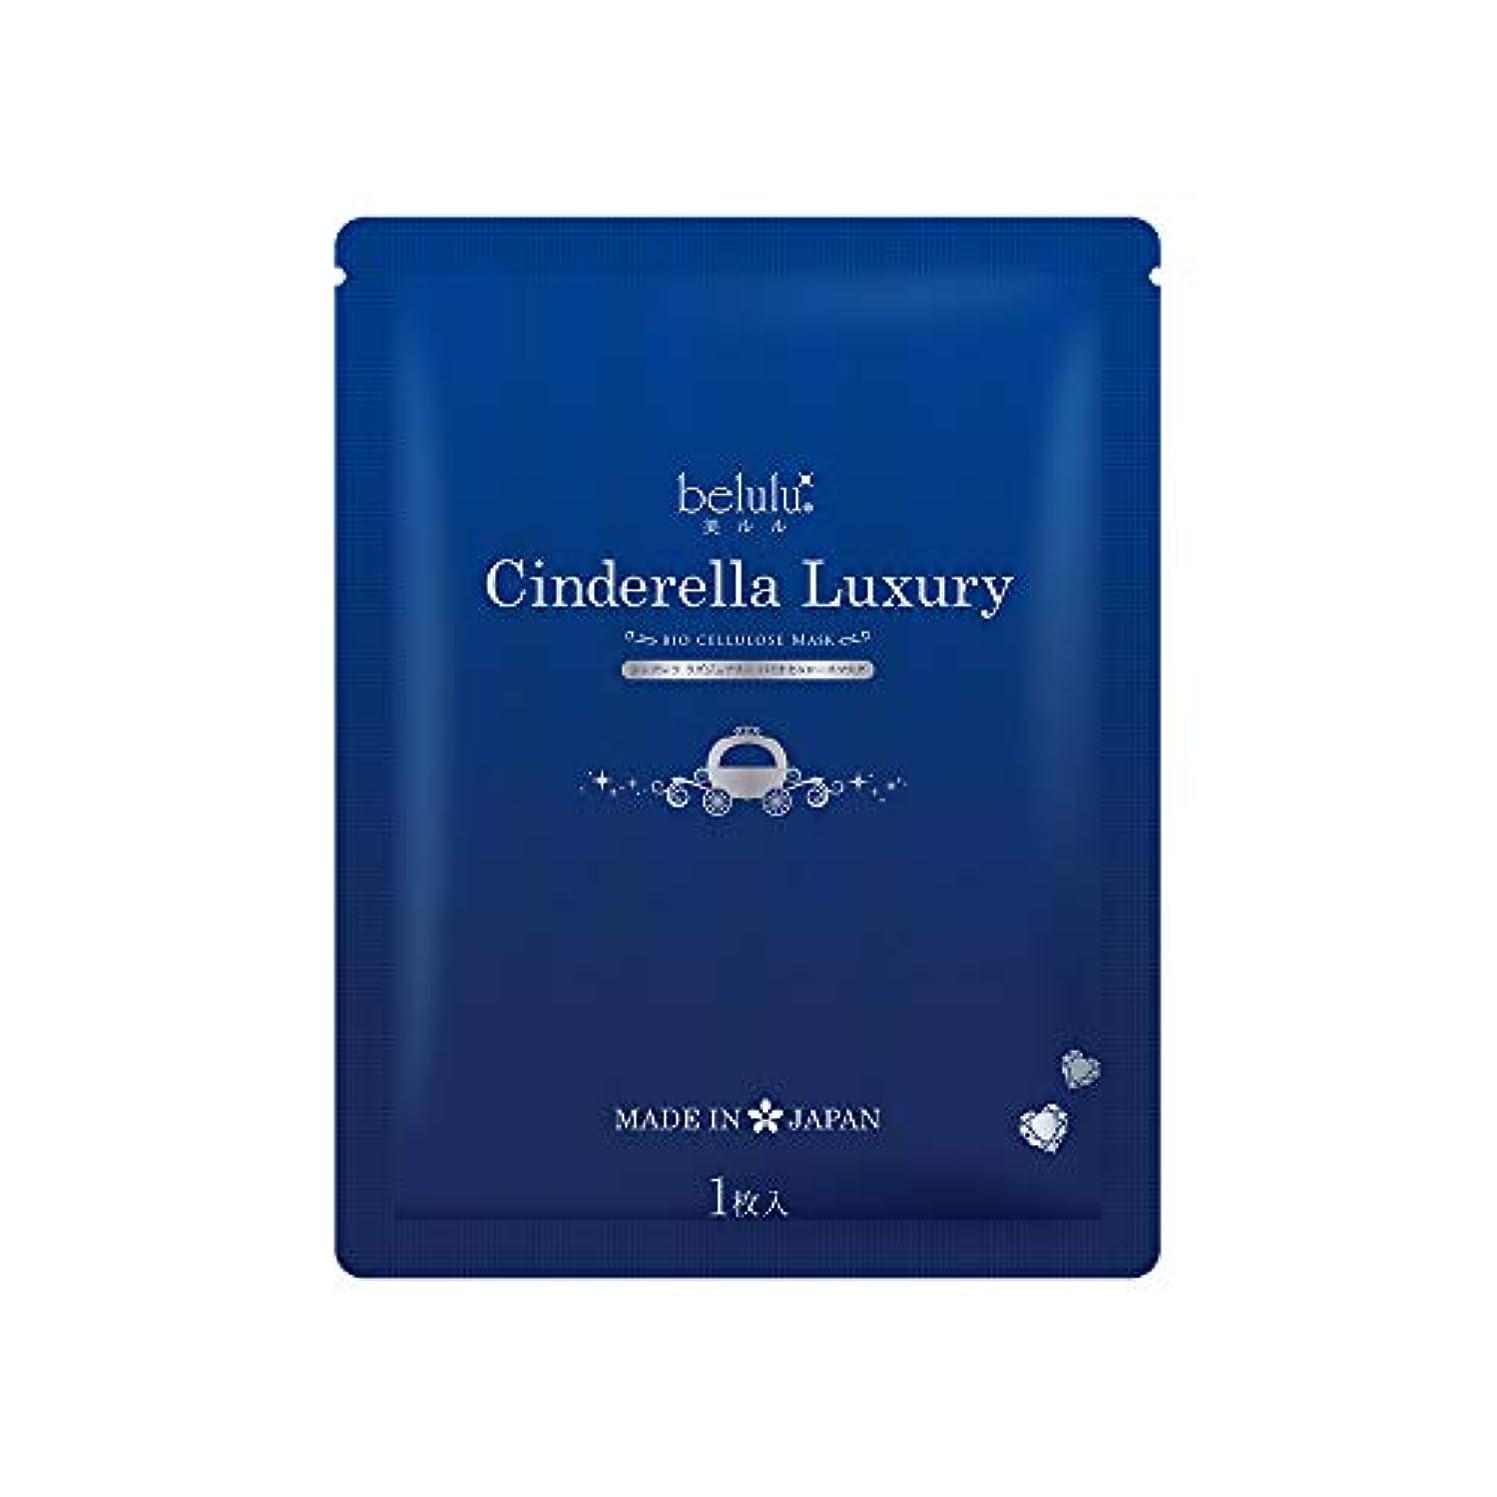 フェイスマスク 美ルル シンデレラ ラグジュアリー パック 美白 保湿 美肌 日本製 belulu Cinderella Luxury